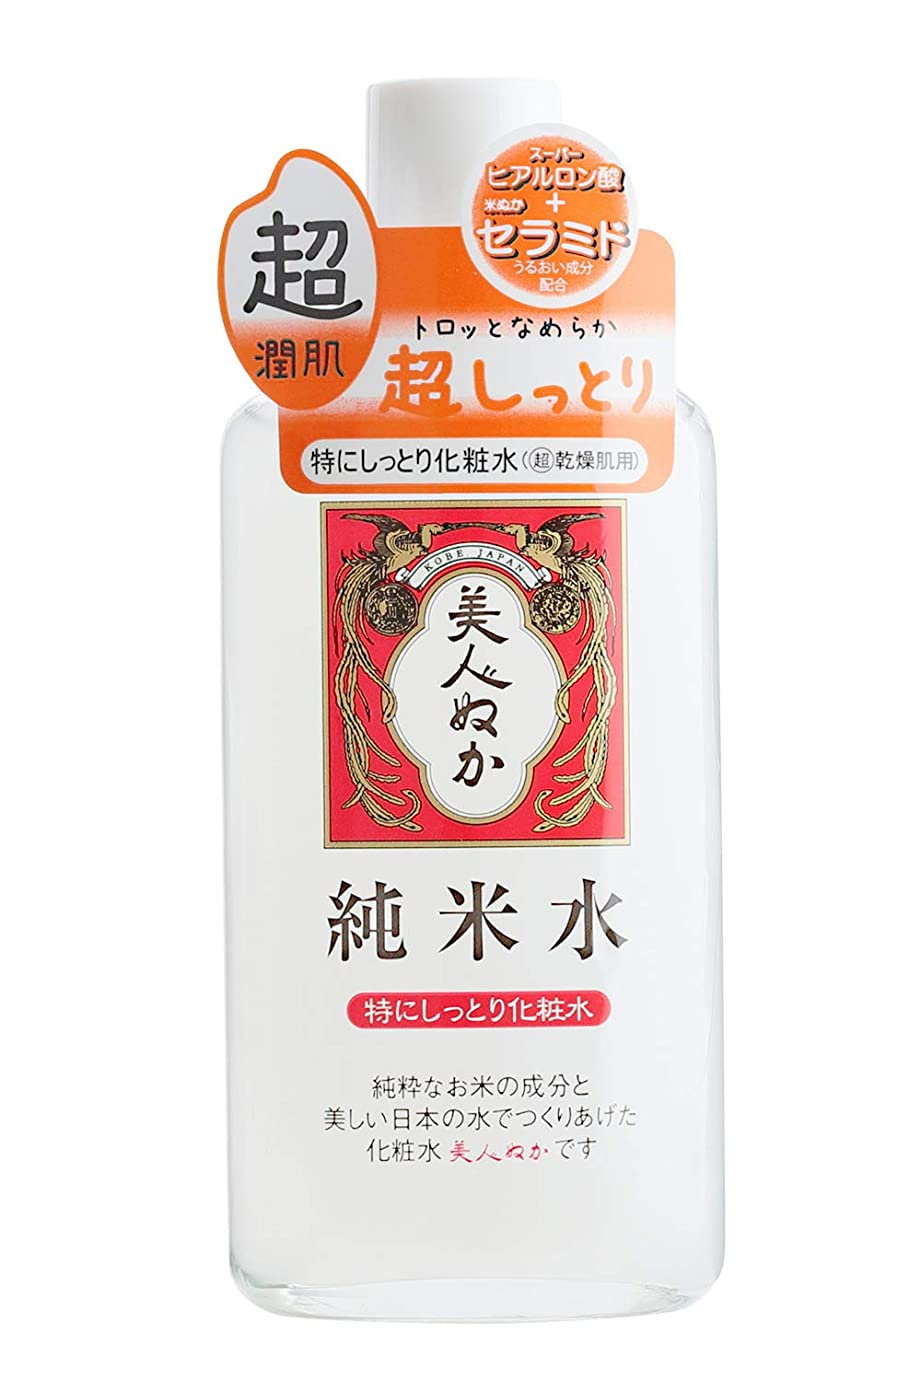 マーキング結果として取得美人ぬか 純米水特にしっとり化粧水 130ml